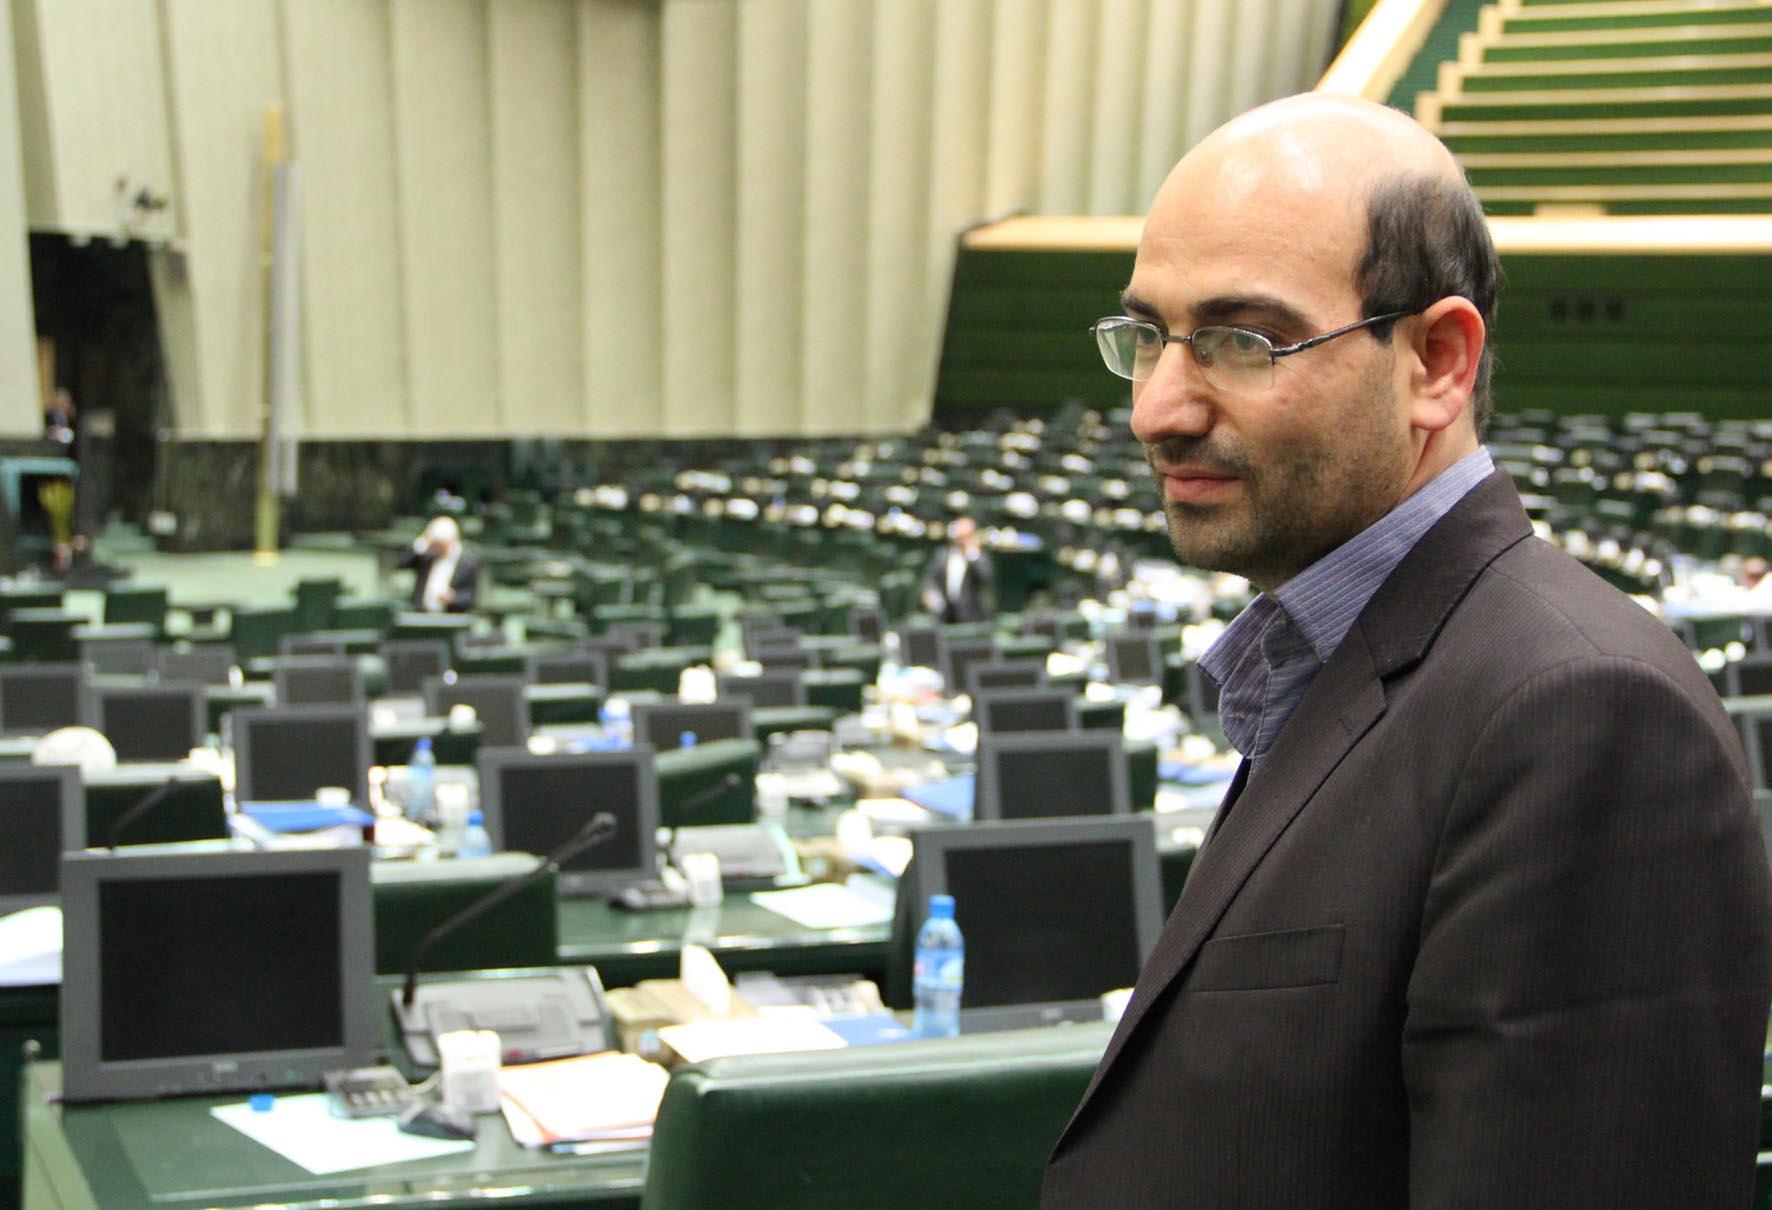 سابقه حجتالاسلام رئیسی نویدبخش یک رایحه امید برای مدیریت قوه قضاییه است